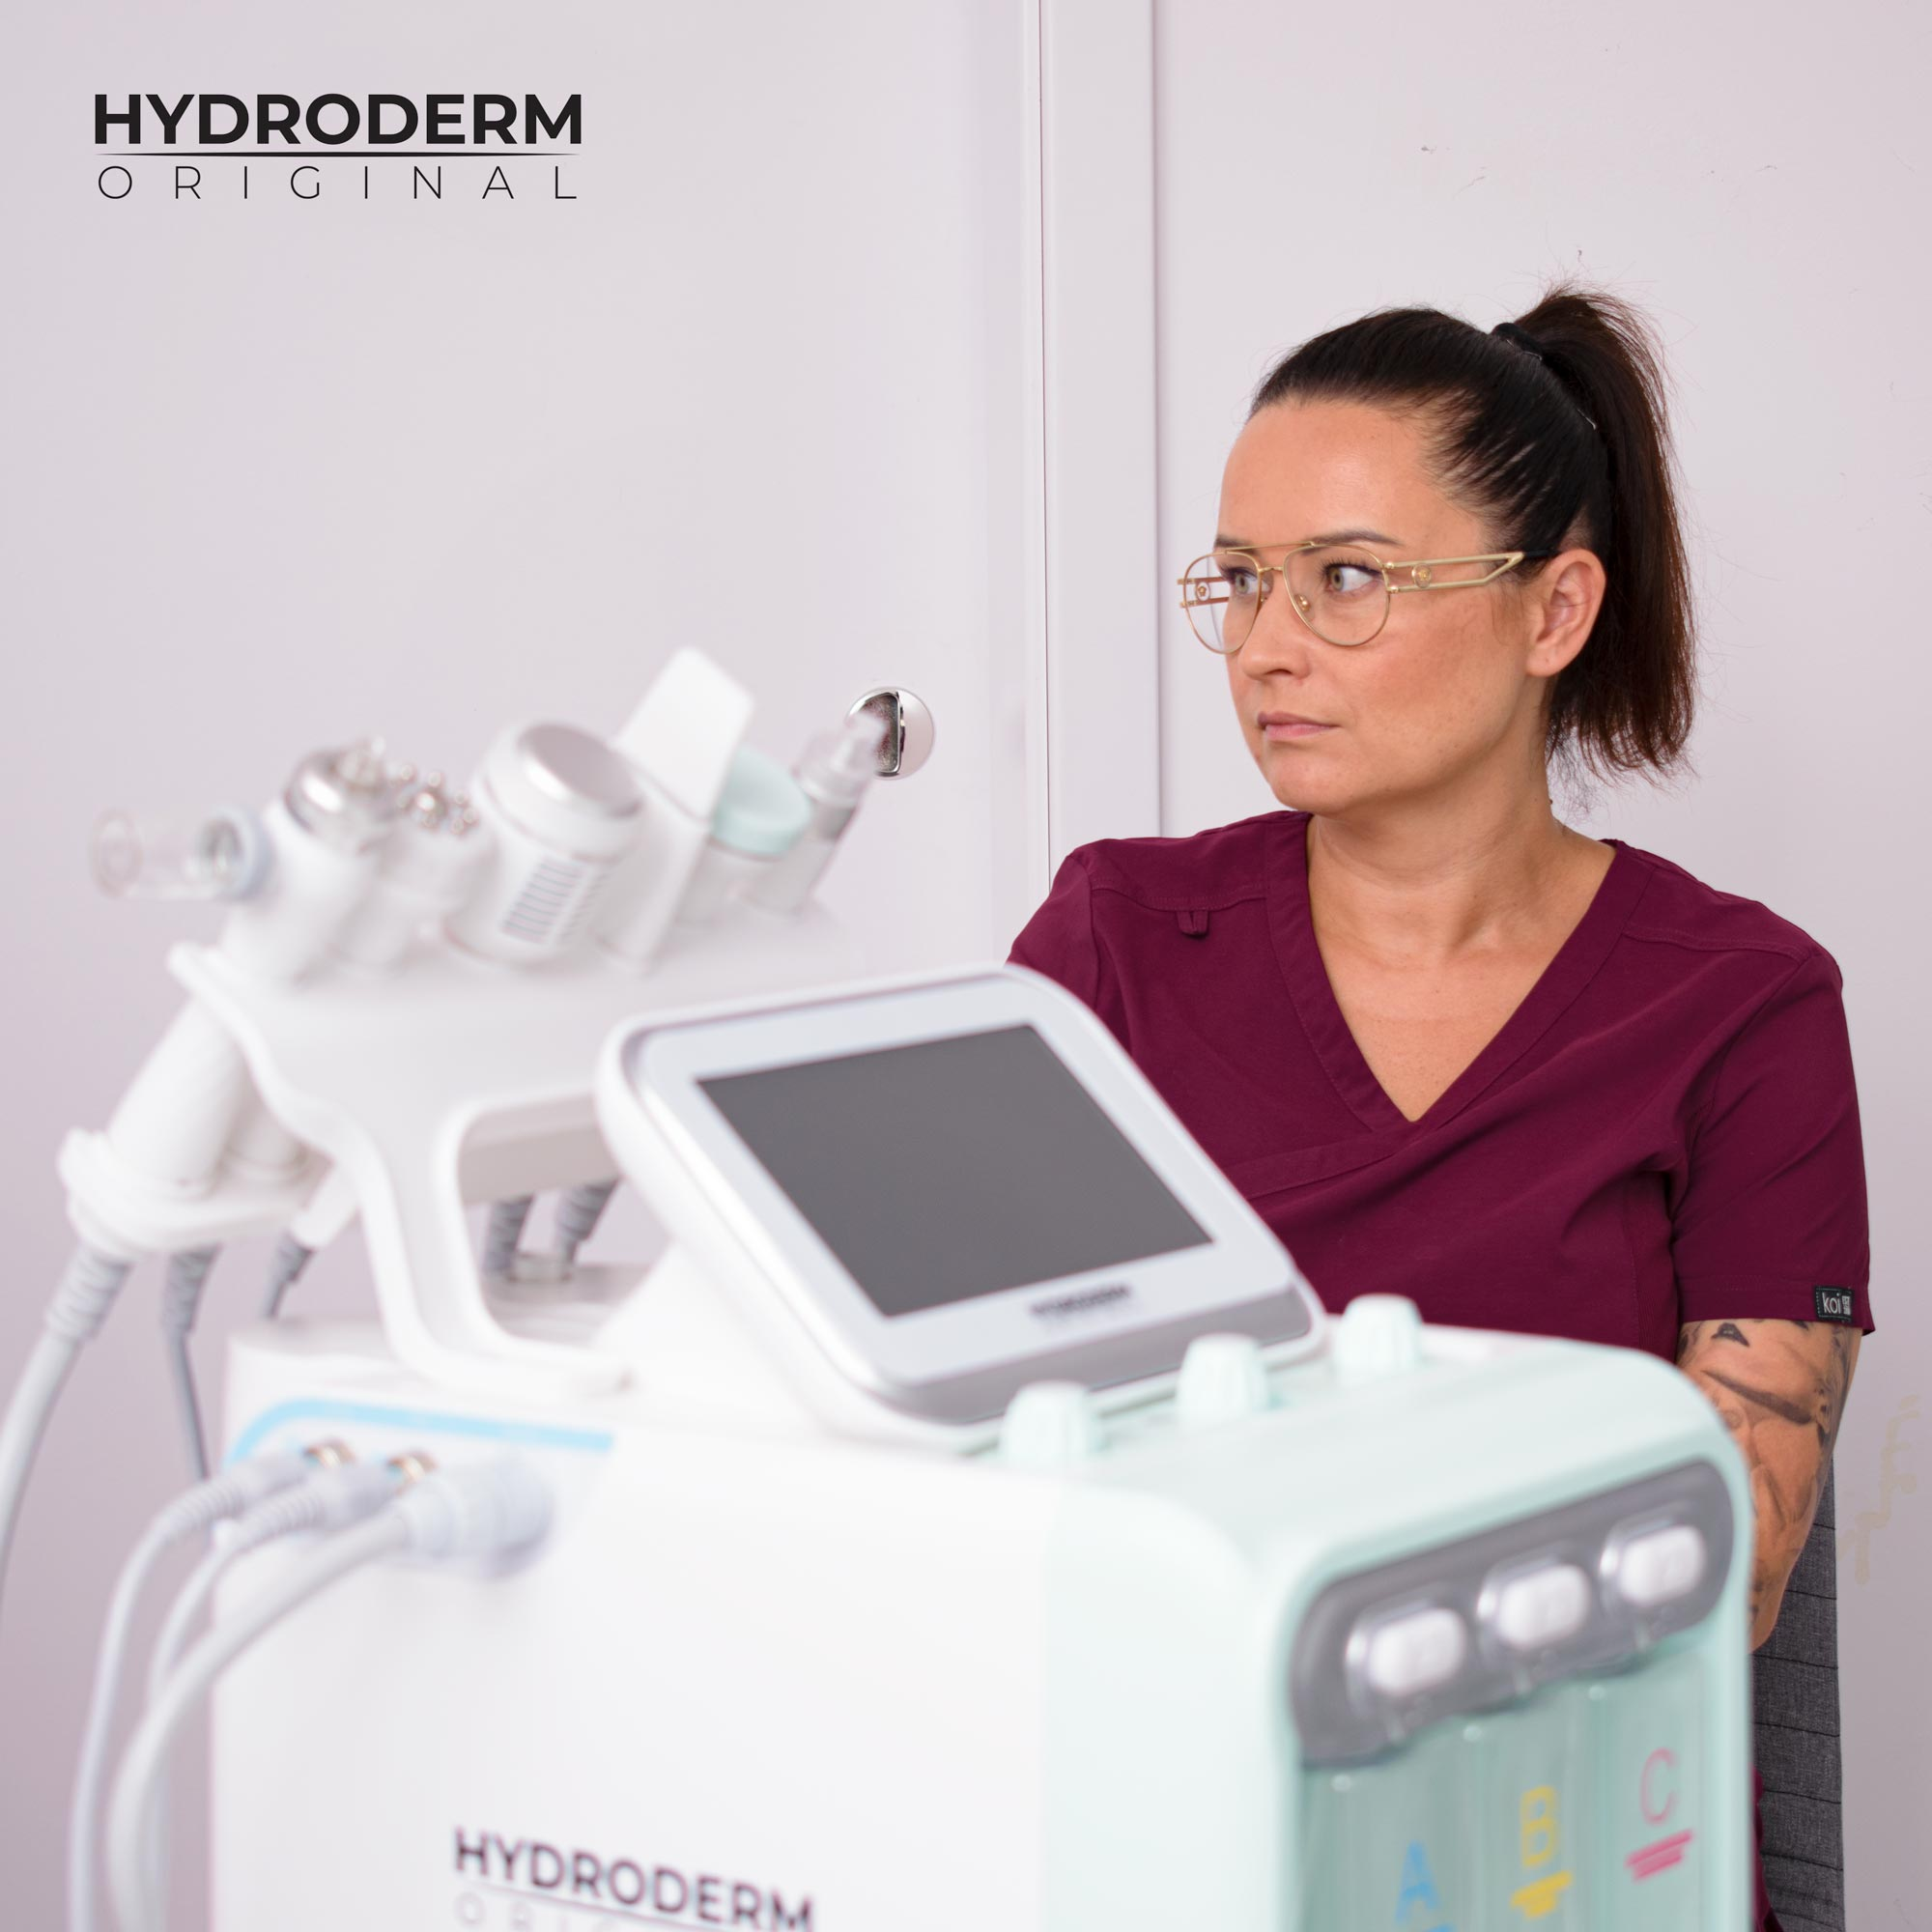 Każdy nasz kurs obejmuje etap teorytyczny i praktyczny z zakresu oczyszczania skóry aktywnym wodorem